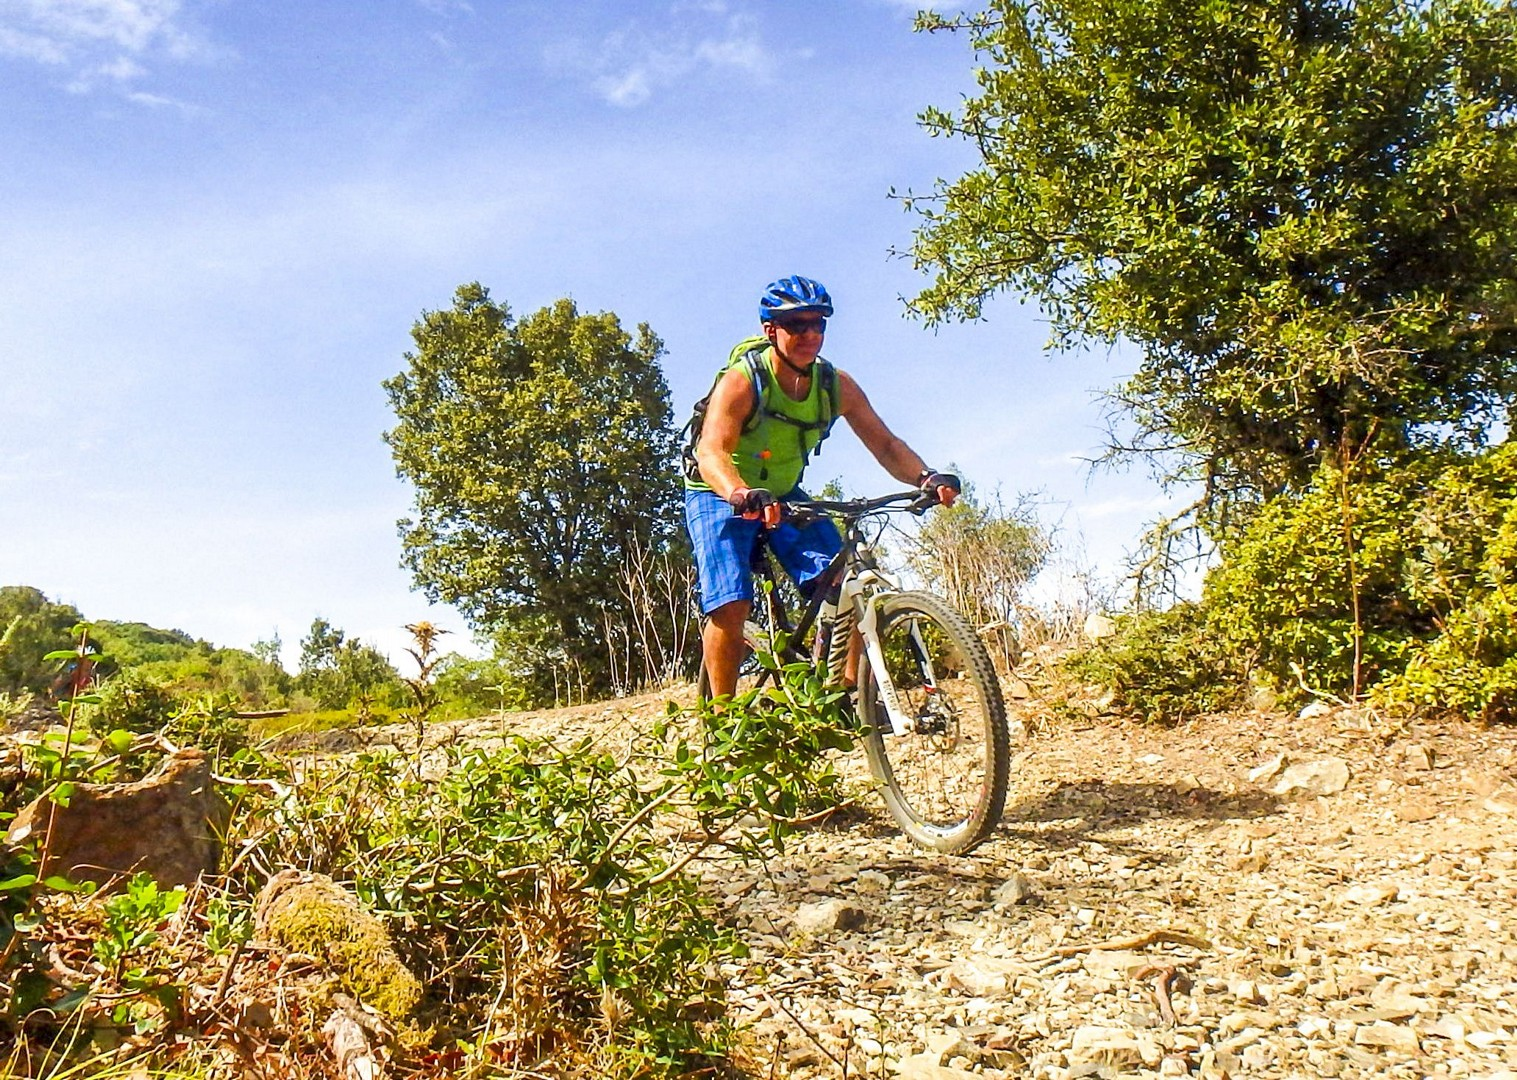 group-mountain-biking-italy-sardinia-experience-saddle-skedaddle.jpg - Sardinia - Coast to Coast - Italia Mountain Biking